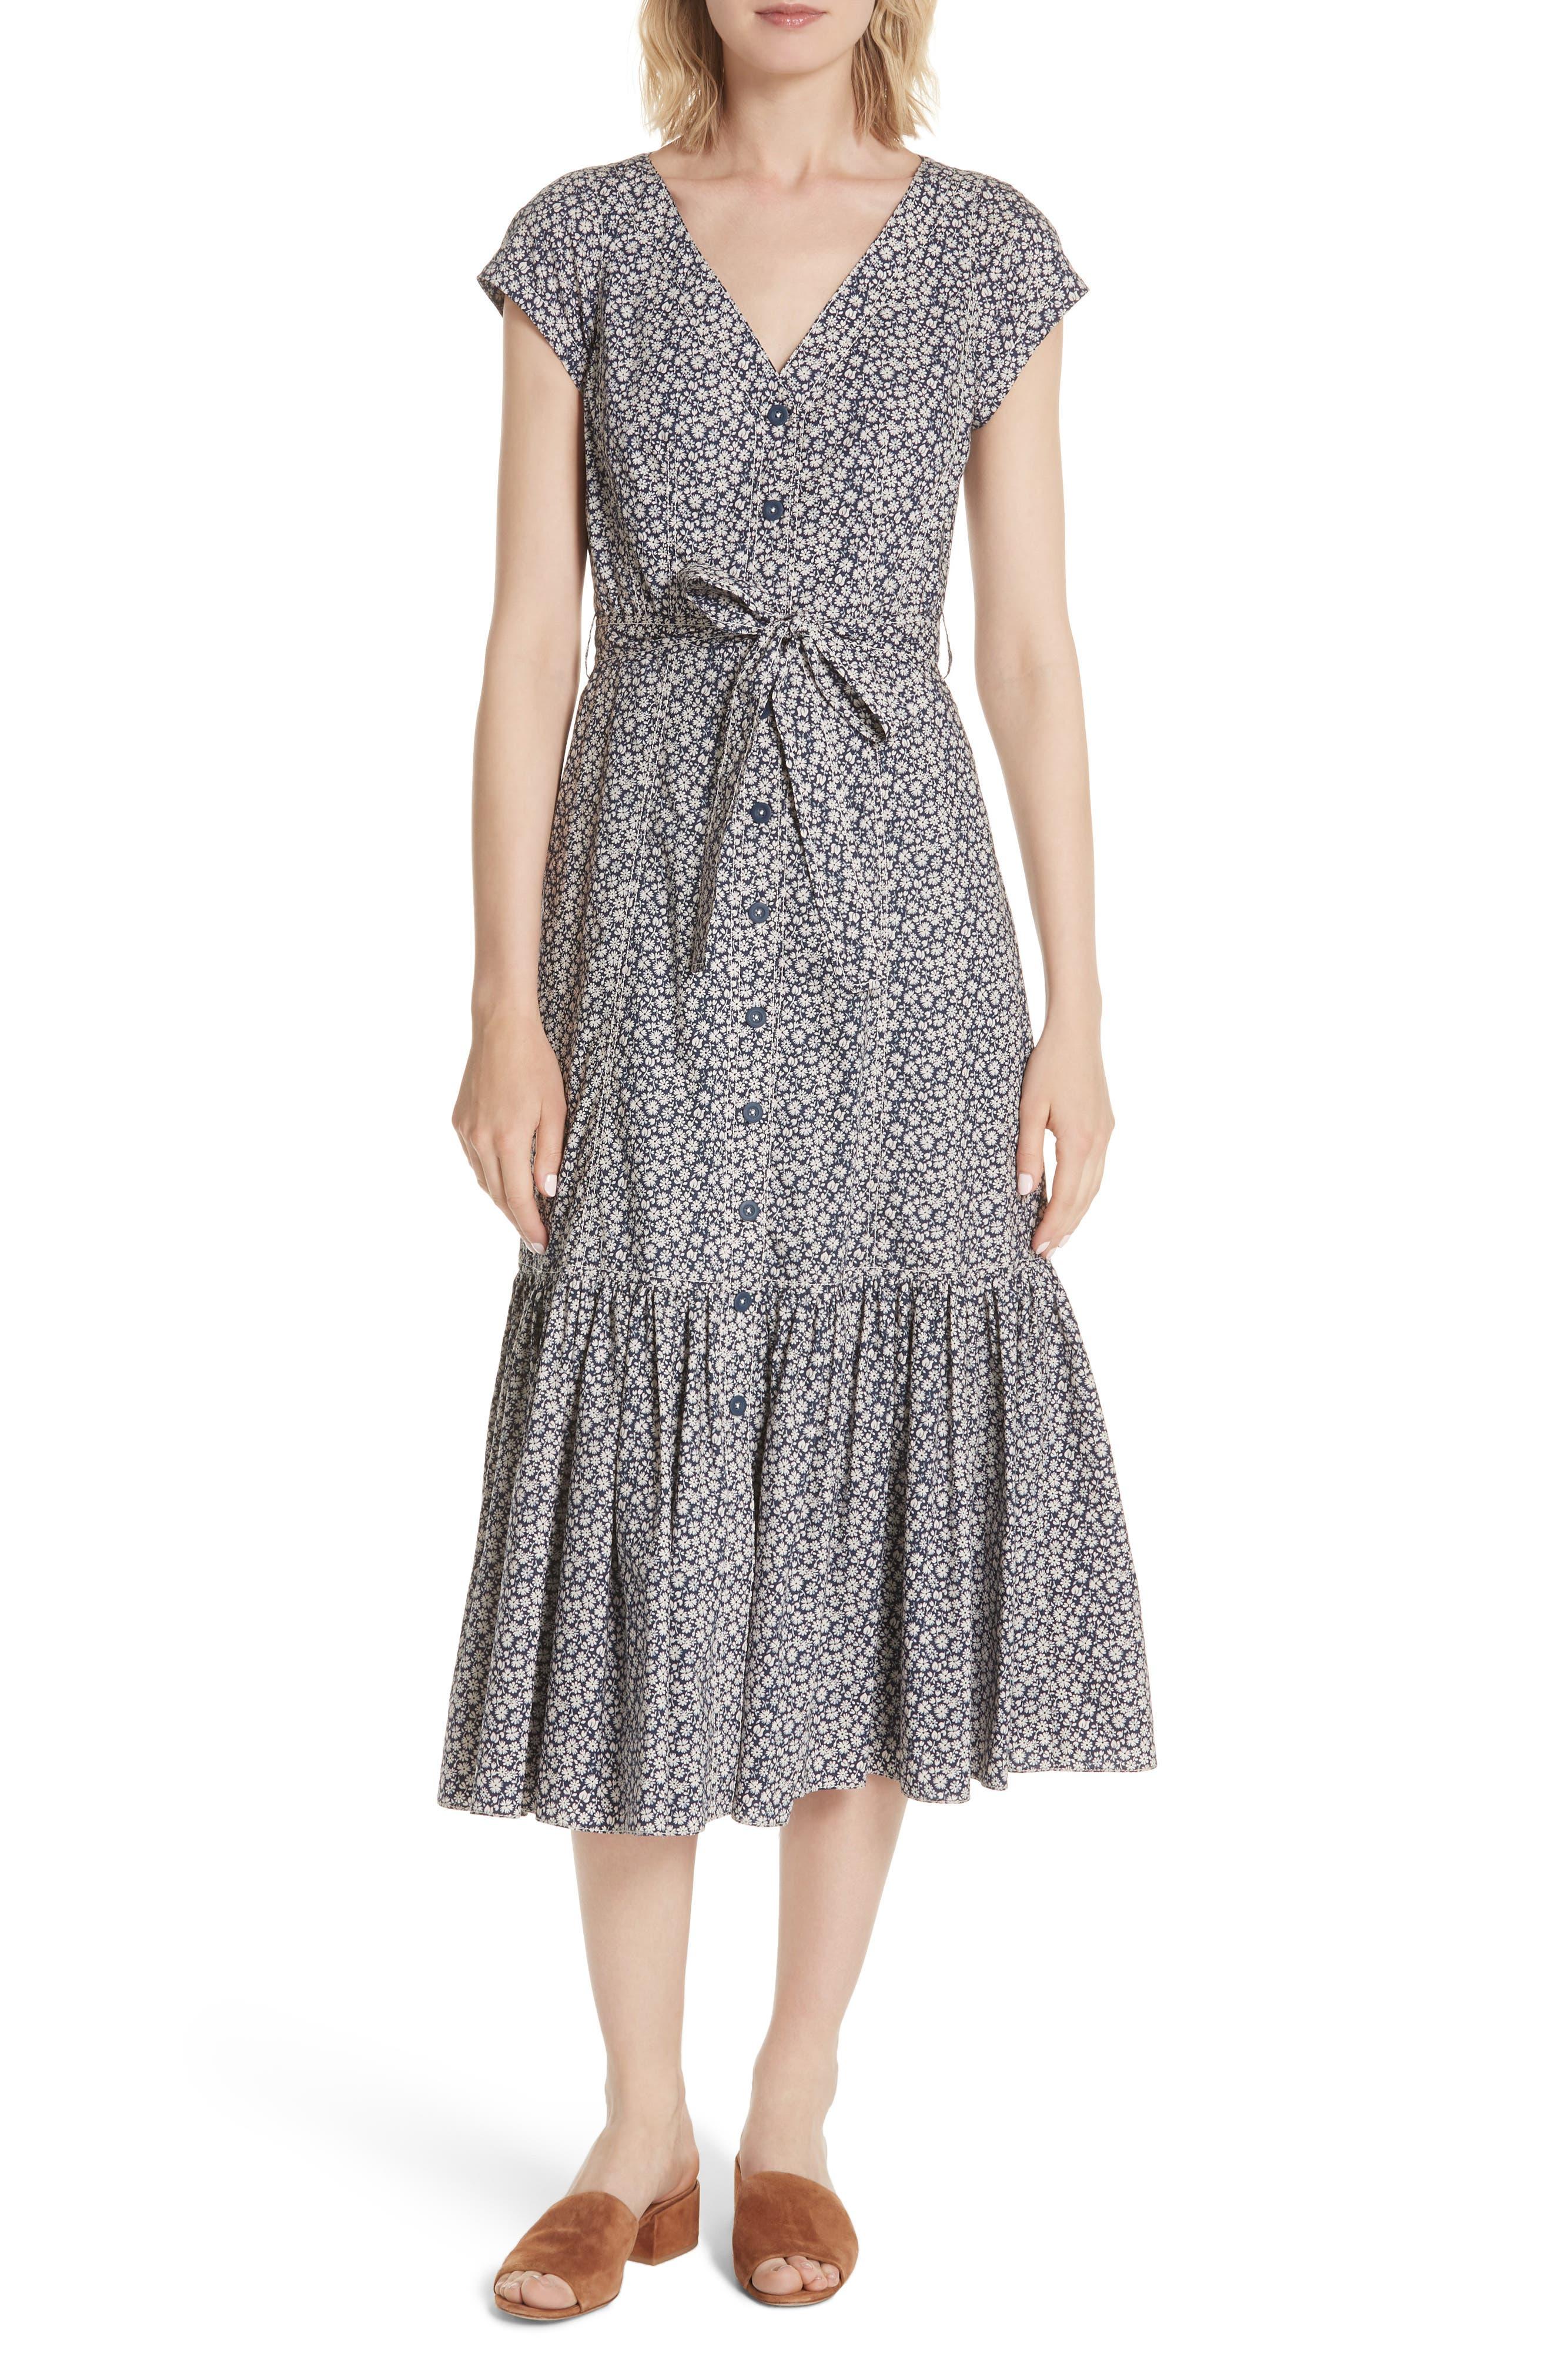 Lauren Tie Front Floral Cotton Dress,                             Main thumbnail 1, color,                             450